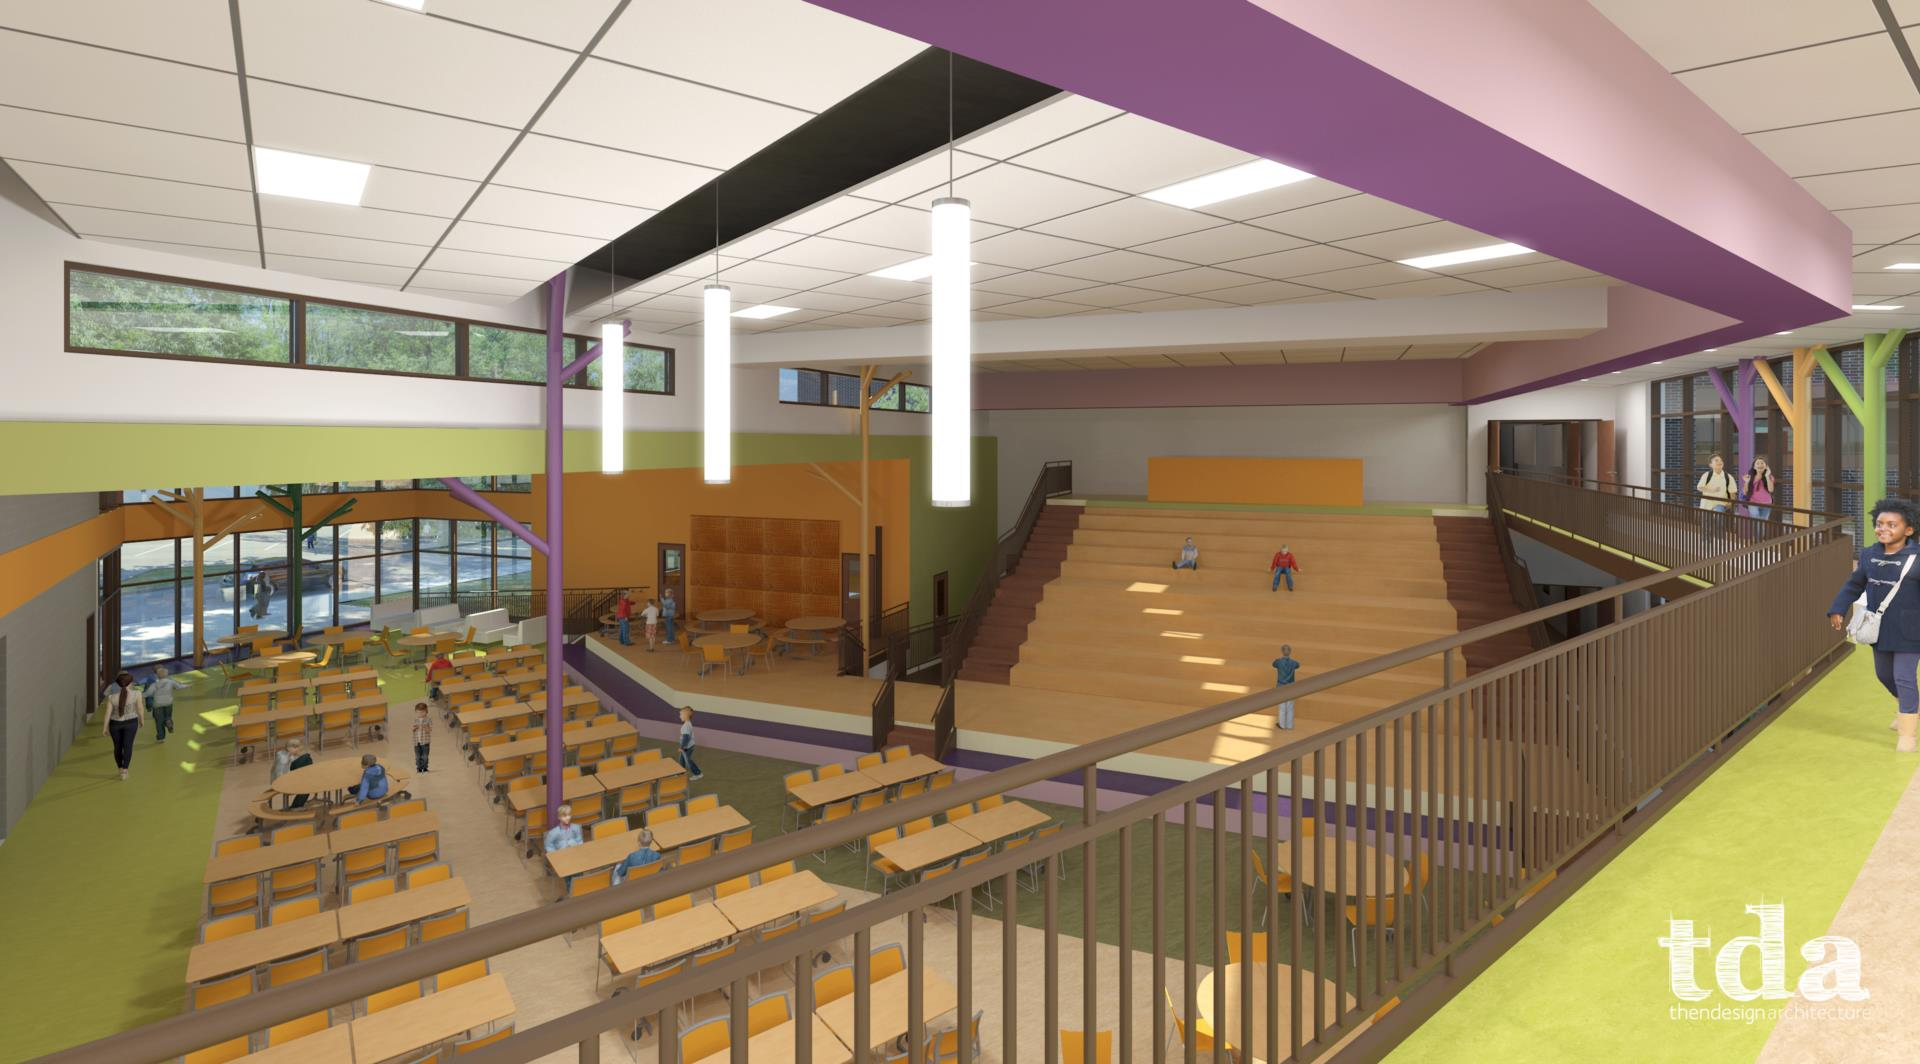 TDA rendering - North Royalton Elementary School interior